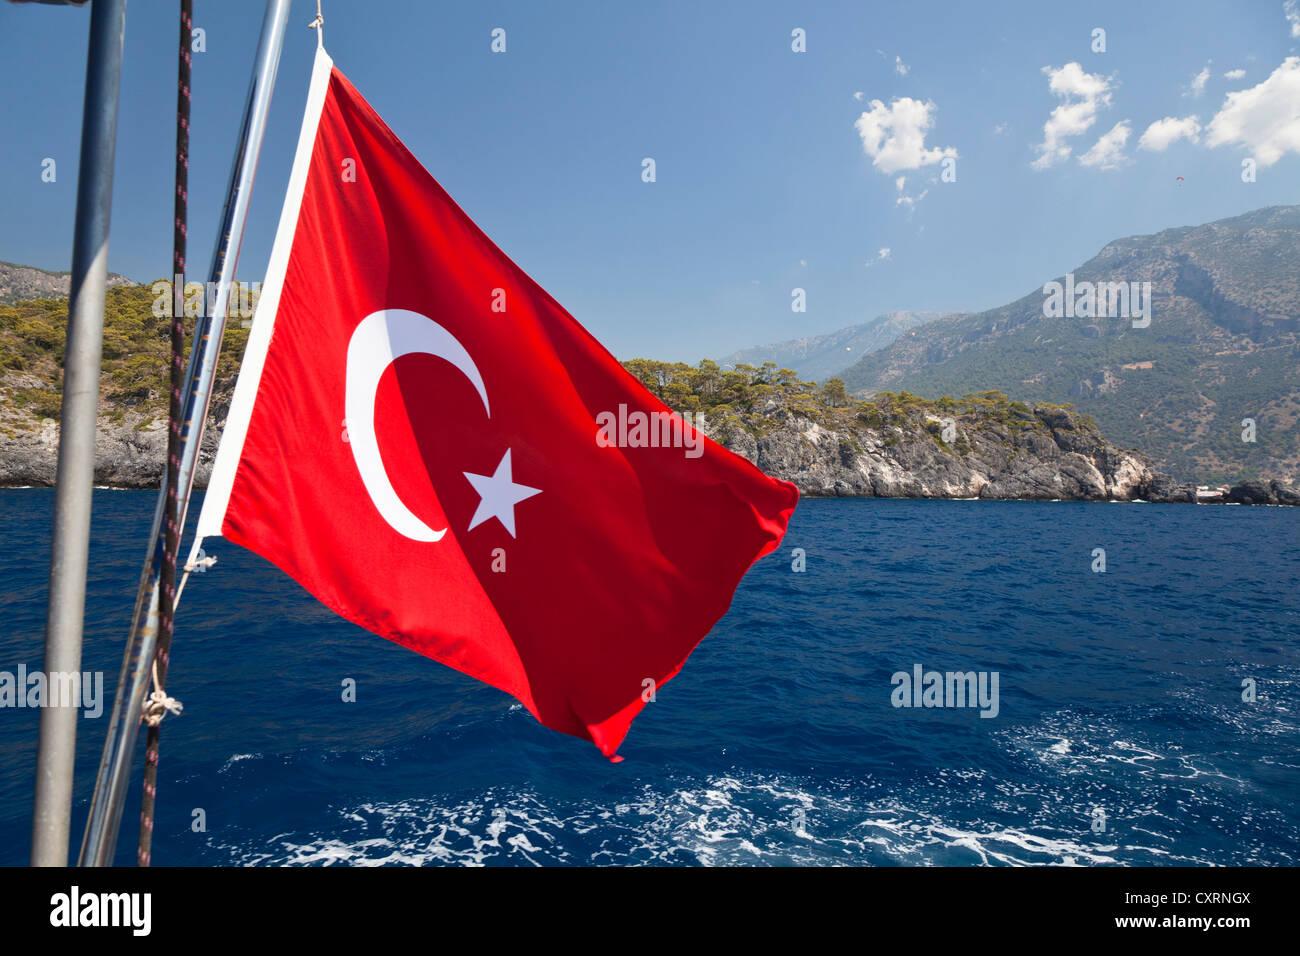 La bandera nacional turca, navegando a lo largo de la costa de Licio, Licia, el Mar Mediterráneo, Turquía, Imagen De Stock